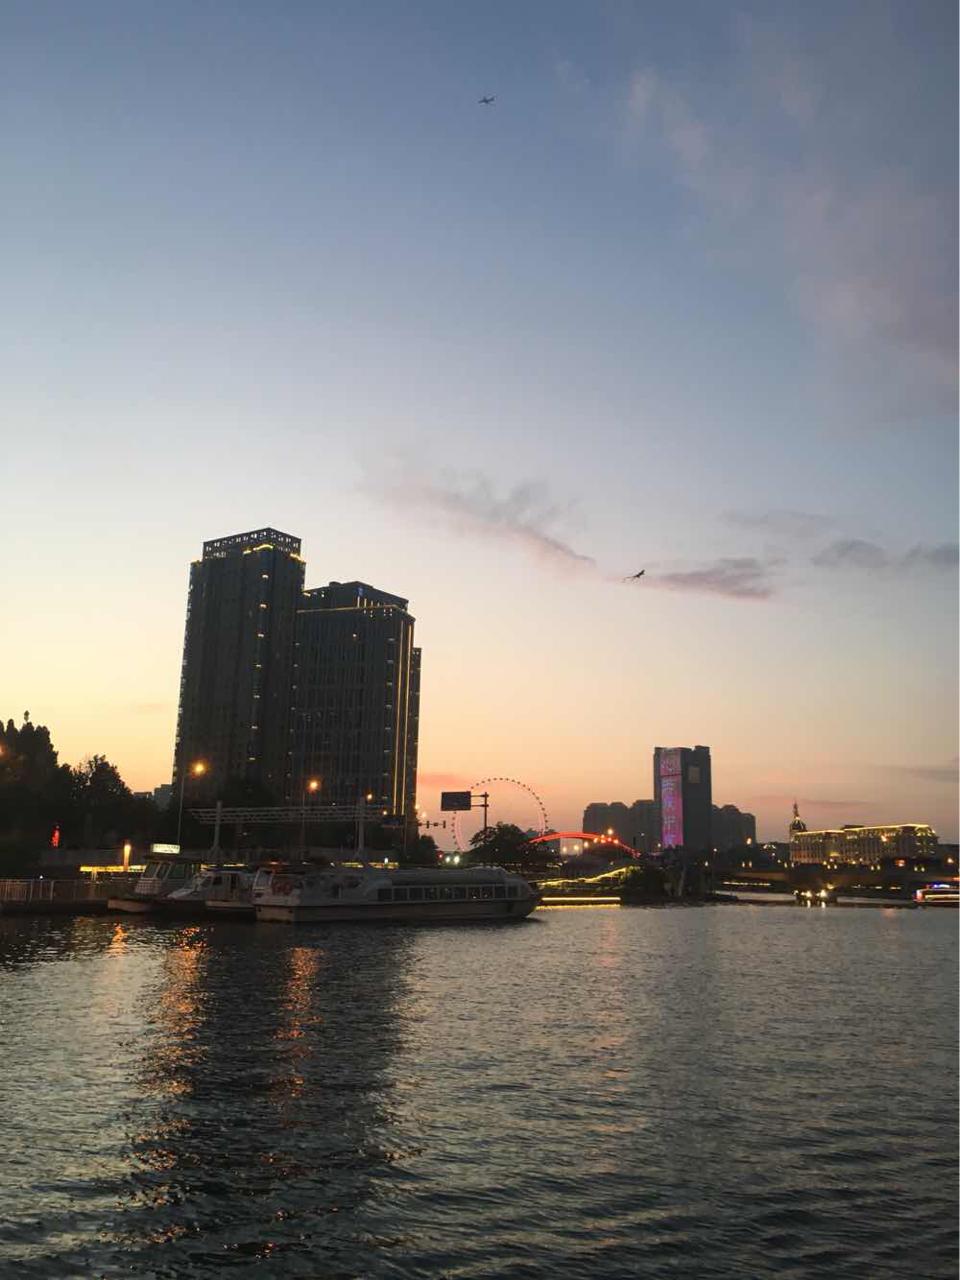 海河游船一定要夏天夜晚坐,吹着晚风看海河夜景遇见最美天津